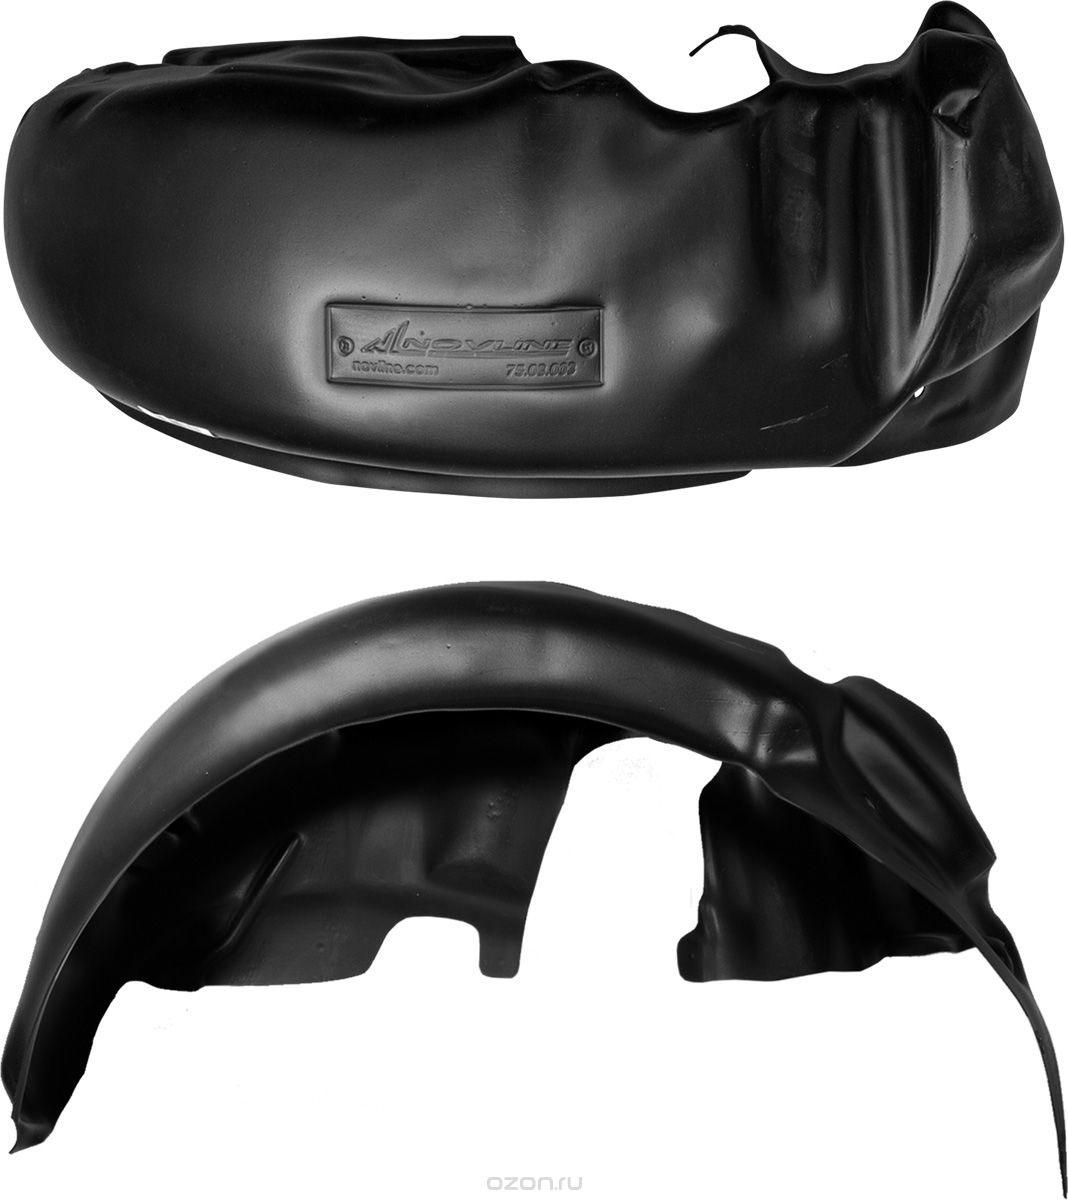 Подкрылок Novline-Autofamily, для CHEVROLET Аveo 2004-2008, хб., задний правый004304Идеальная защита колесной ниши. Локеры разработаны с применением цифровых технологий, гарантируют максимальную повторяемость поверхности арки. Изделия устанавливаются без нарушения лакокрасочного покрытия автомобиля, каждый подкрылок комплектуется крепежом. Уважаемые клиенты, обращаем ваше внимание, что фотографии на подкрылки универсальные и не отражают реальную форму изделия. При этом само изделие идет точно под размер указанного автомобиля.